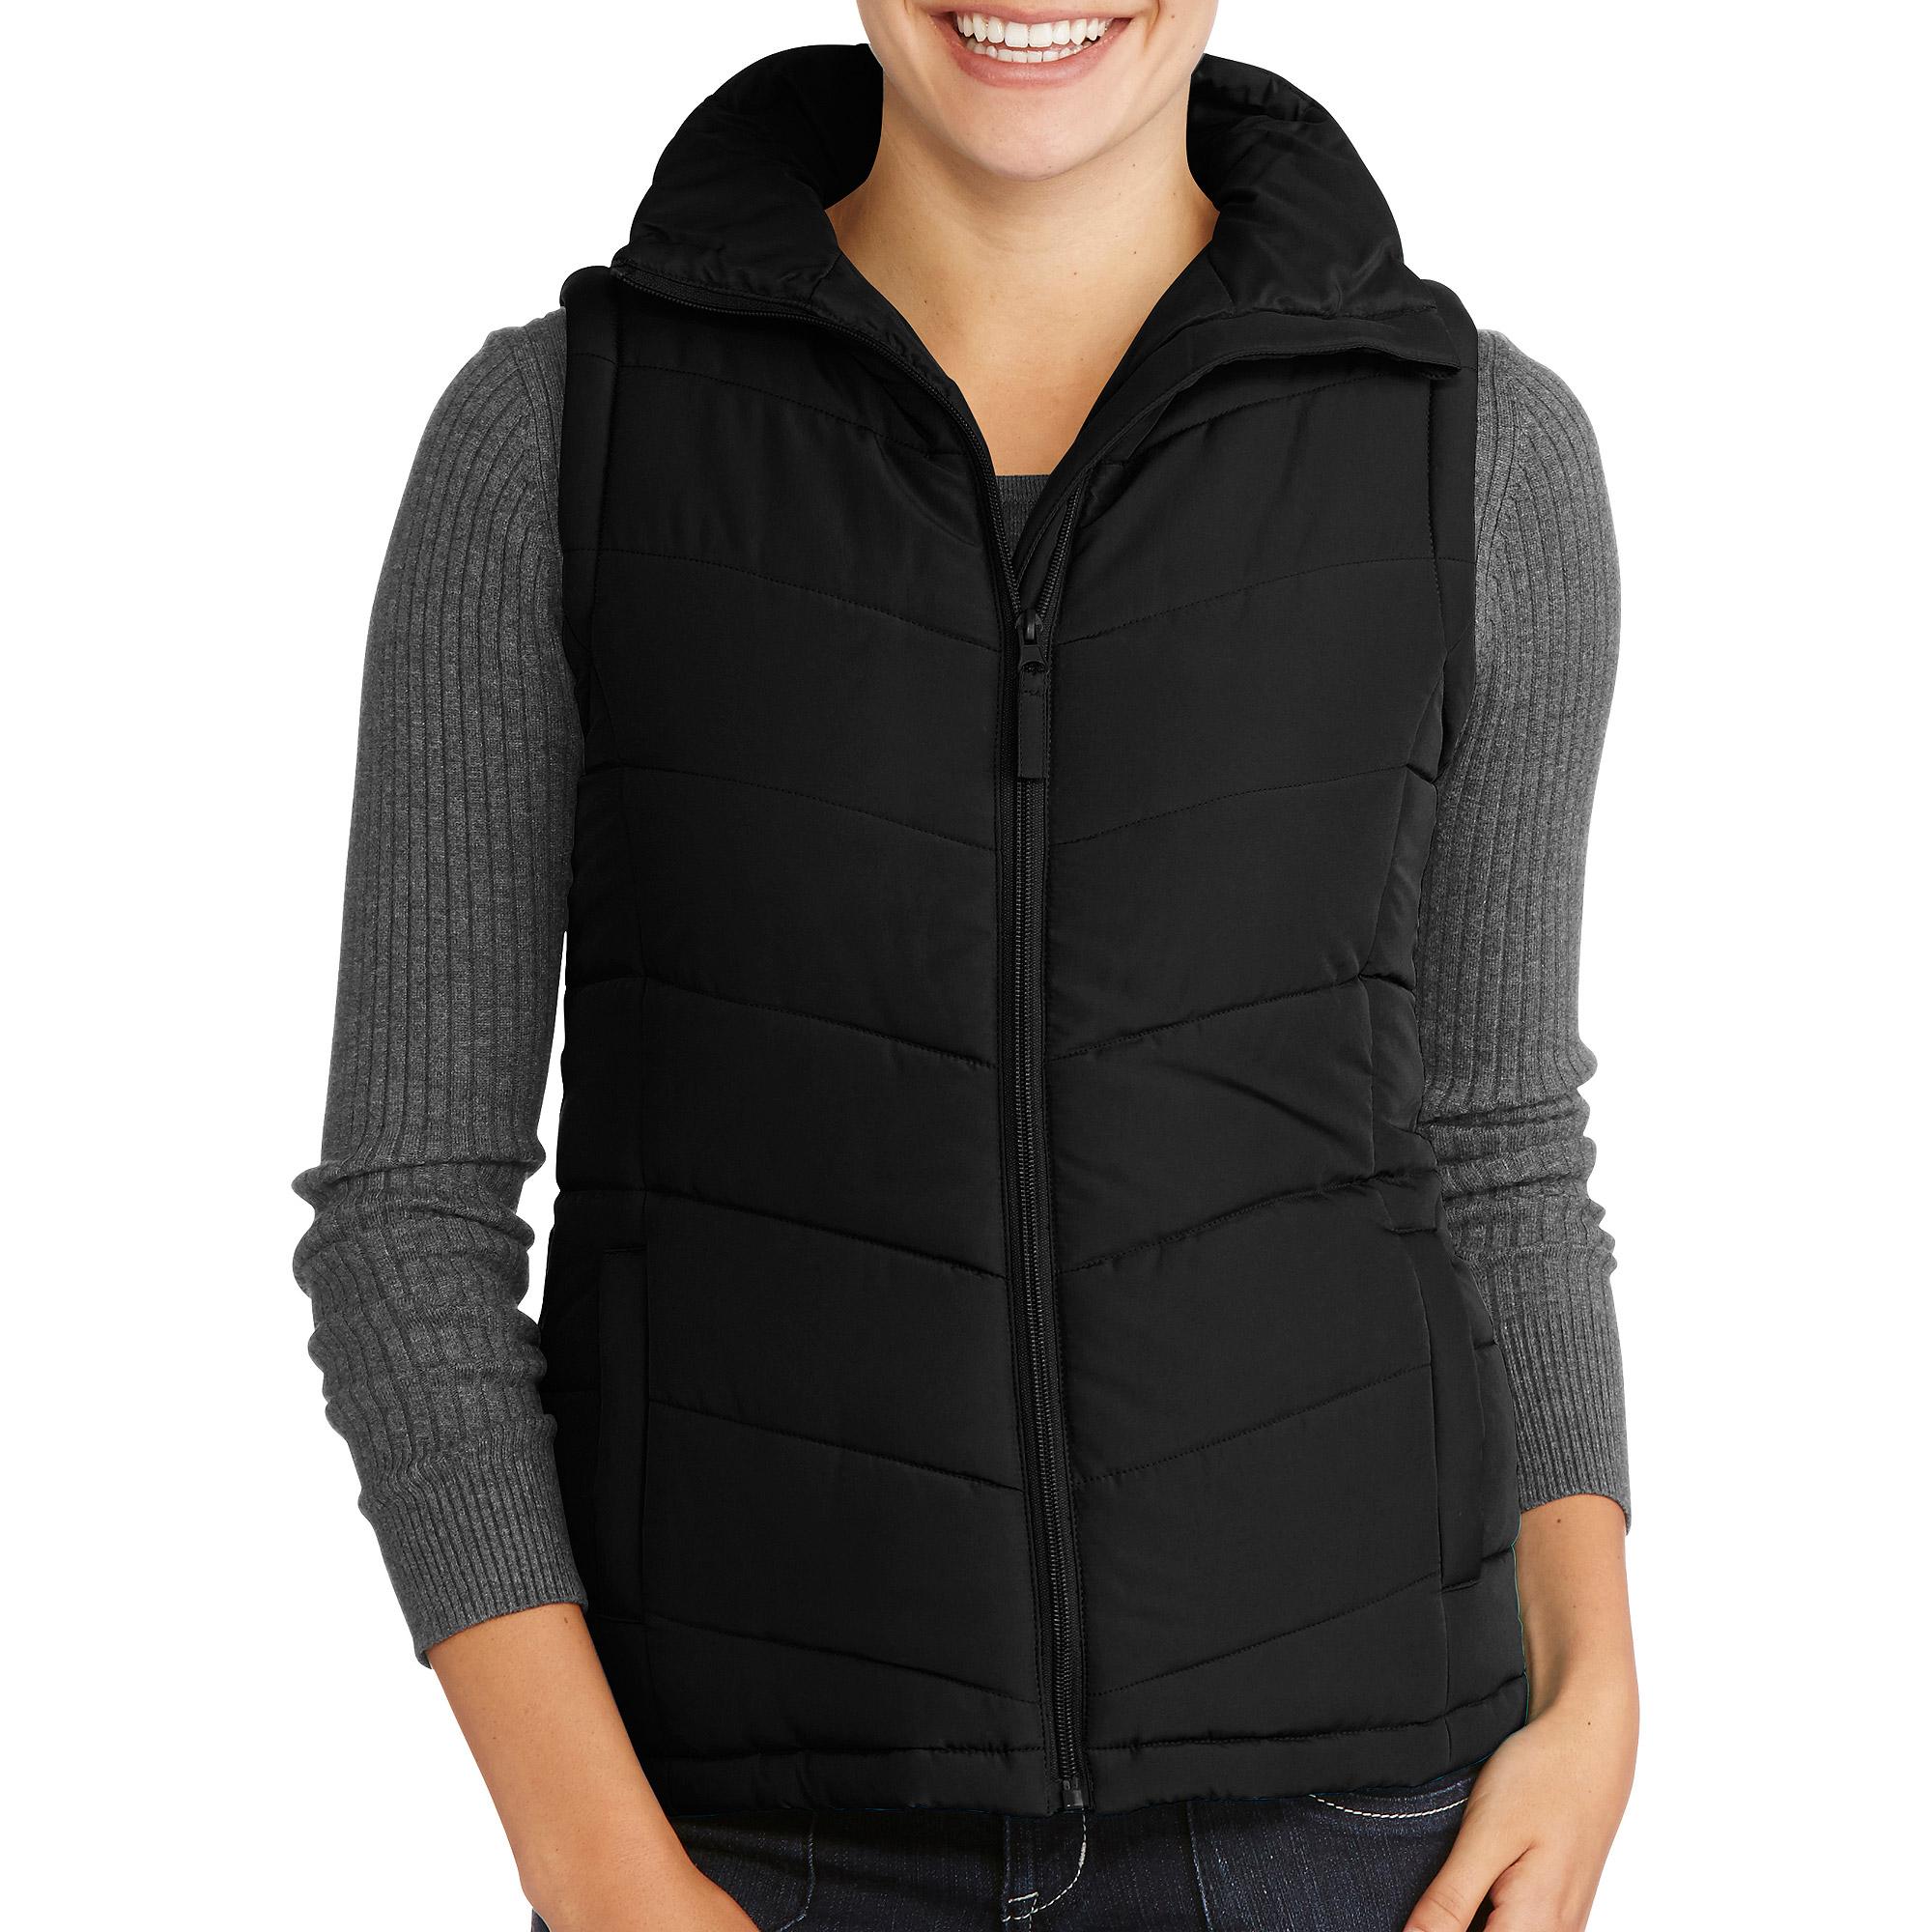 womens puffer vest womenu0027s puffer vest - walmart.com cwvojuw